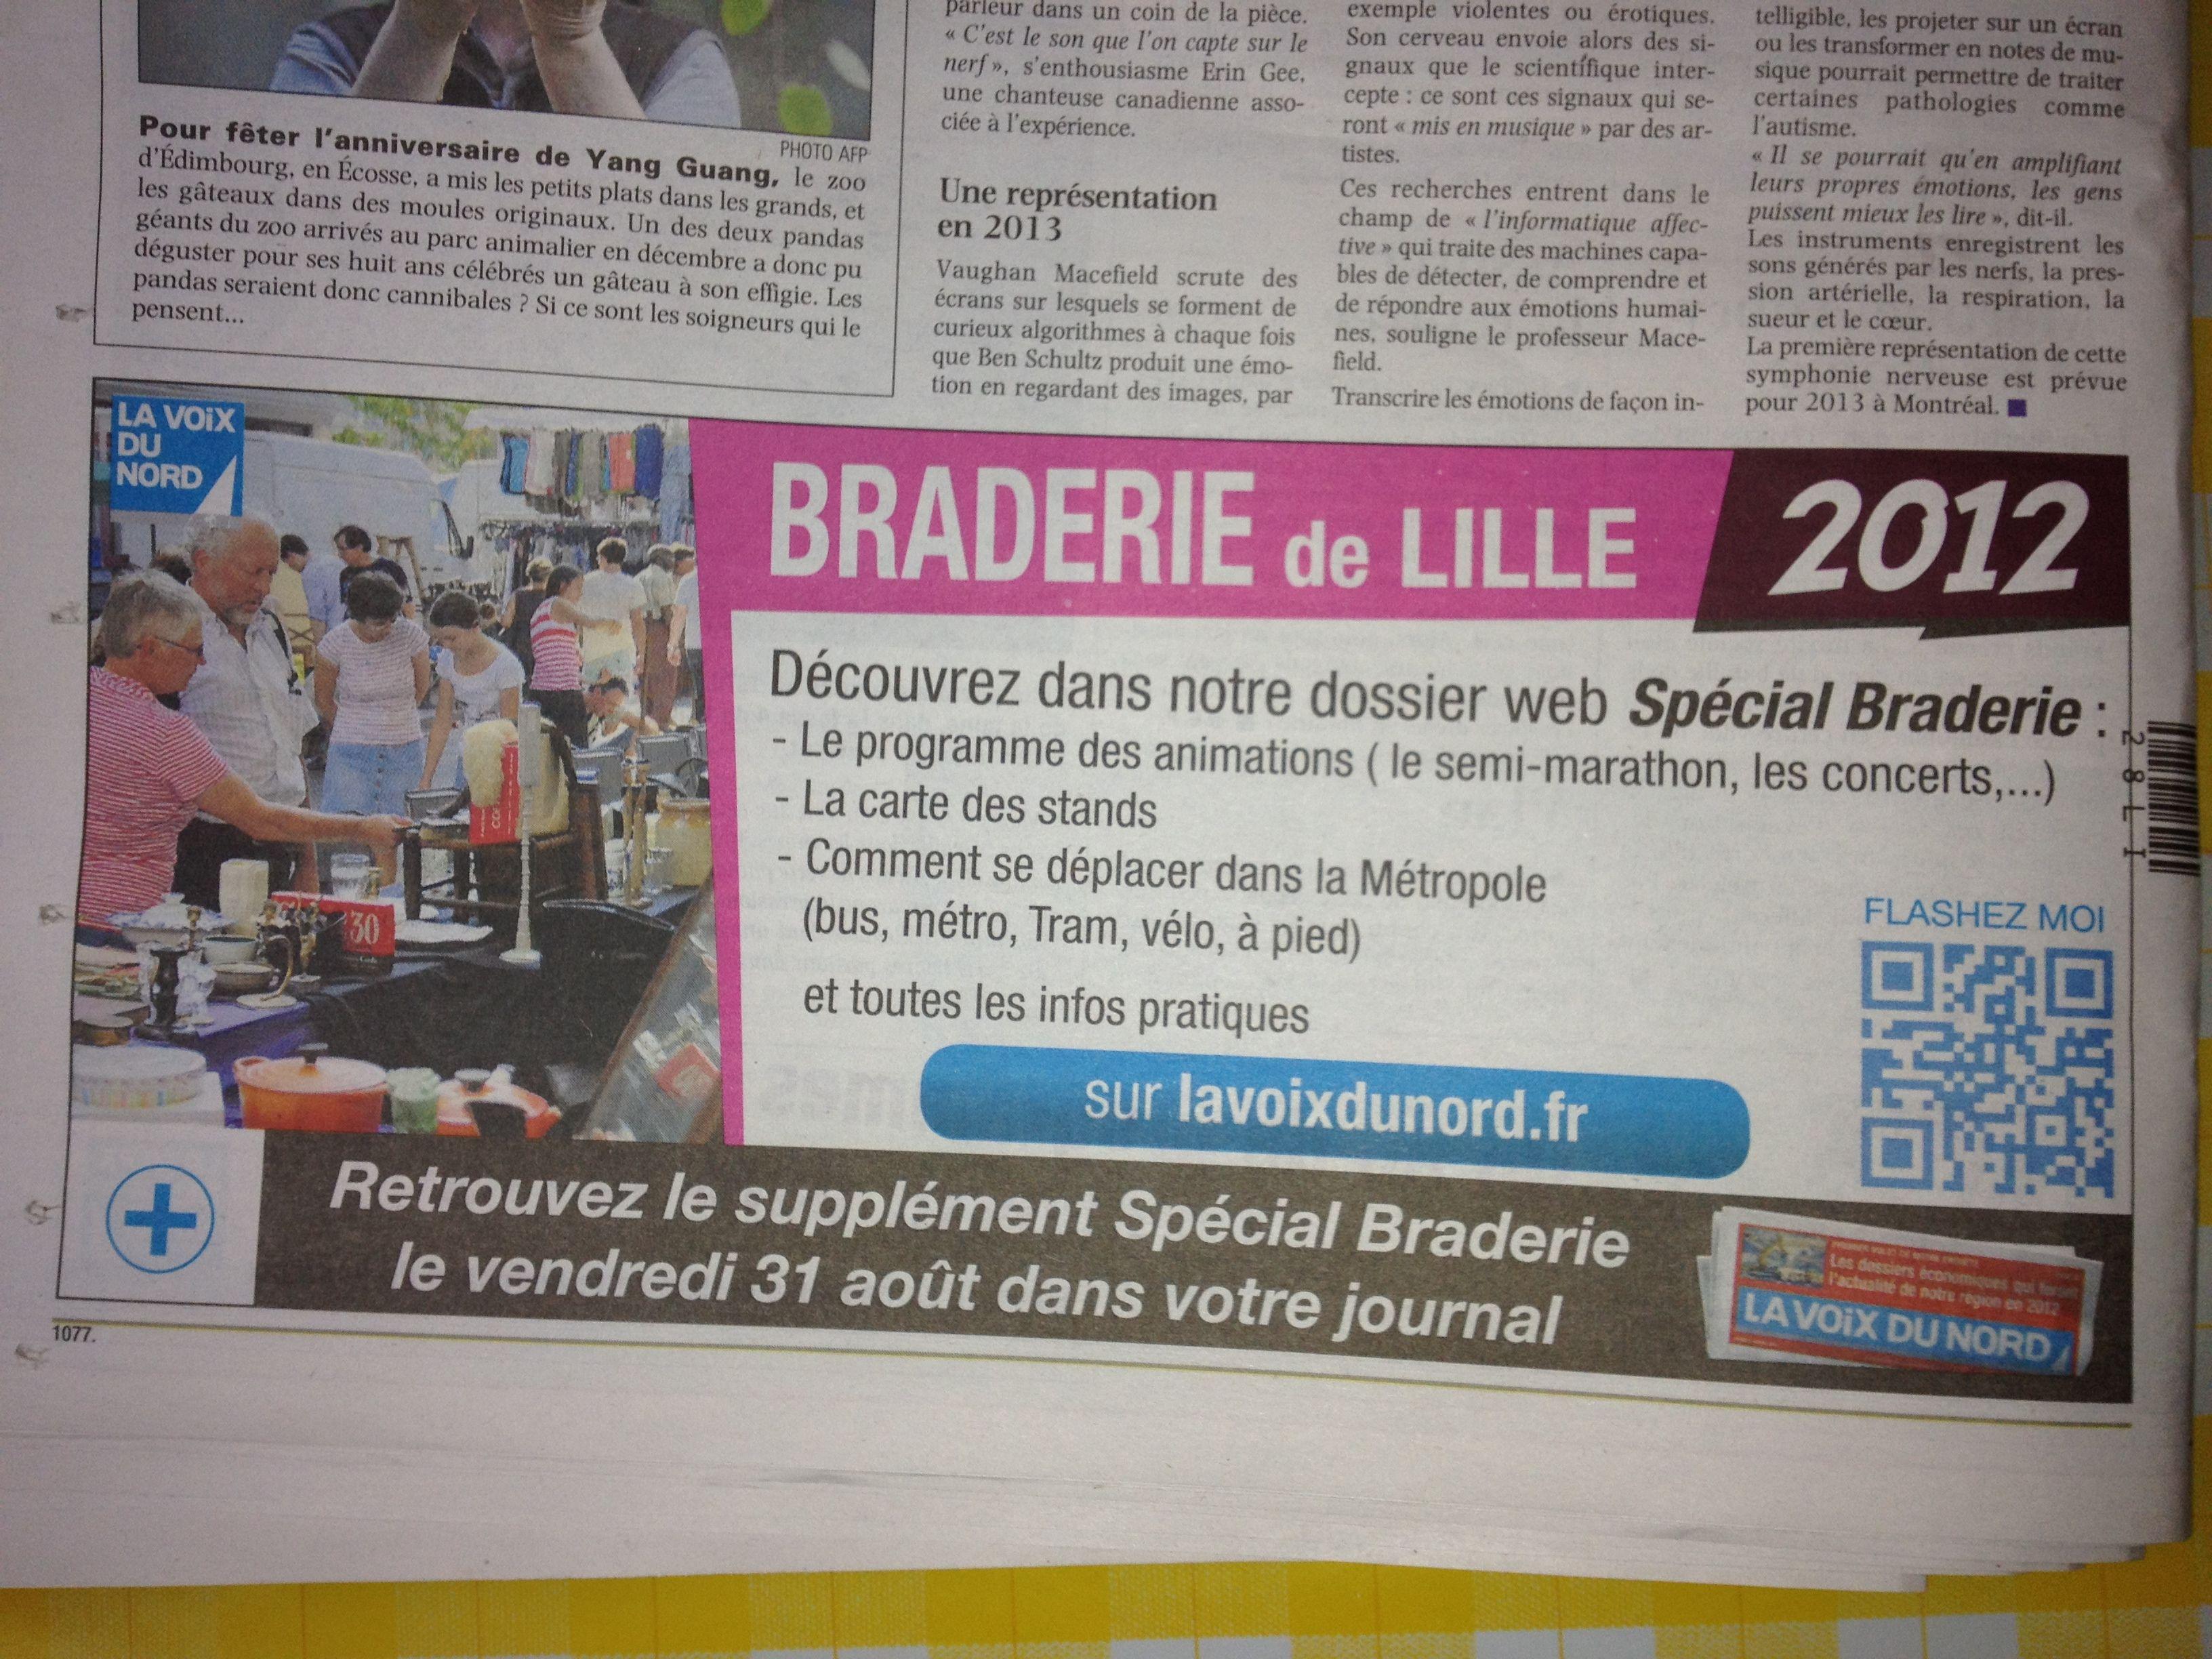 QR Code pour la Braderie de Lille dans le journal La Voix du Nord ...